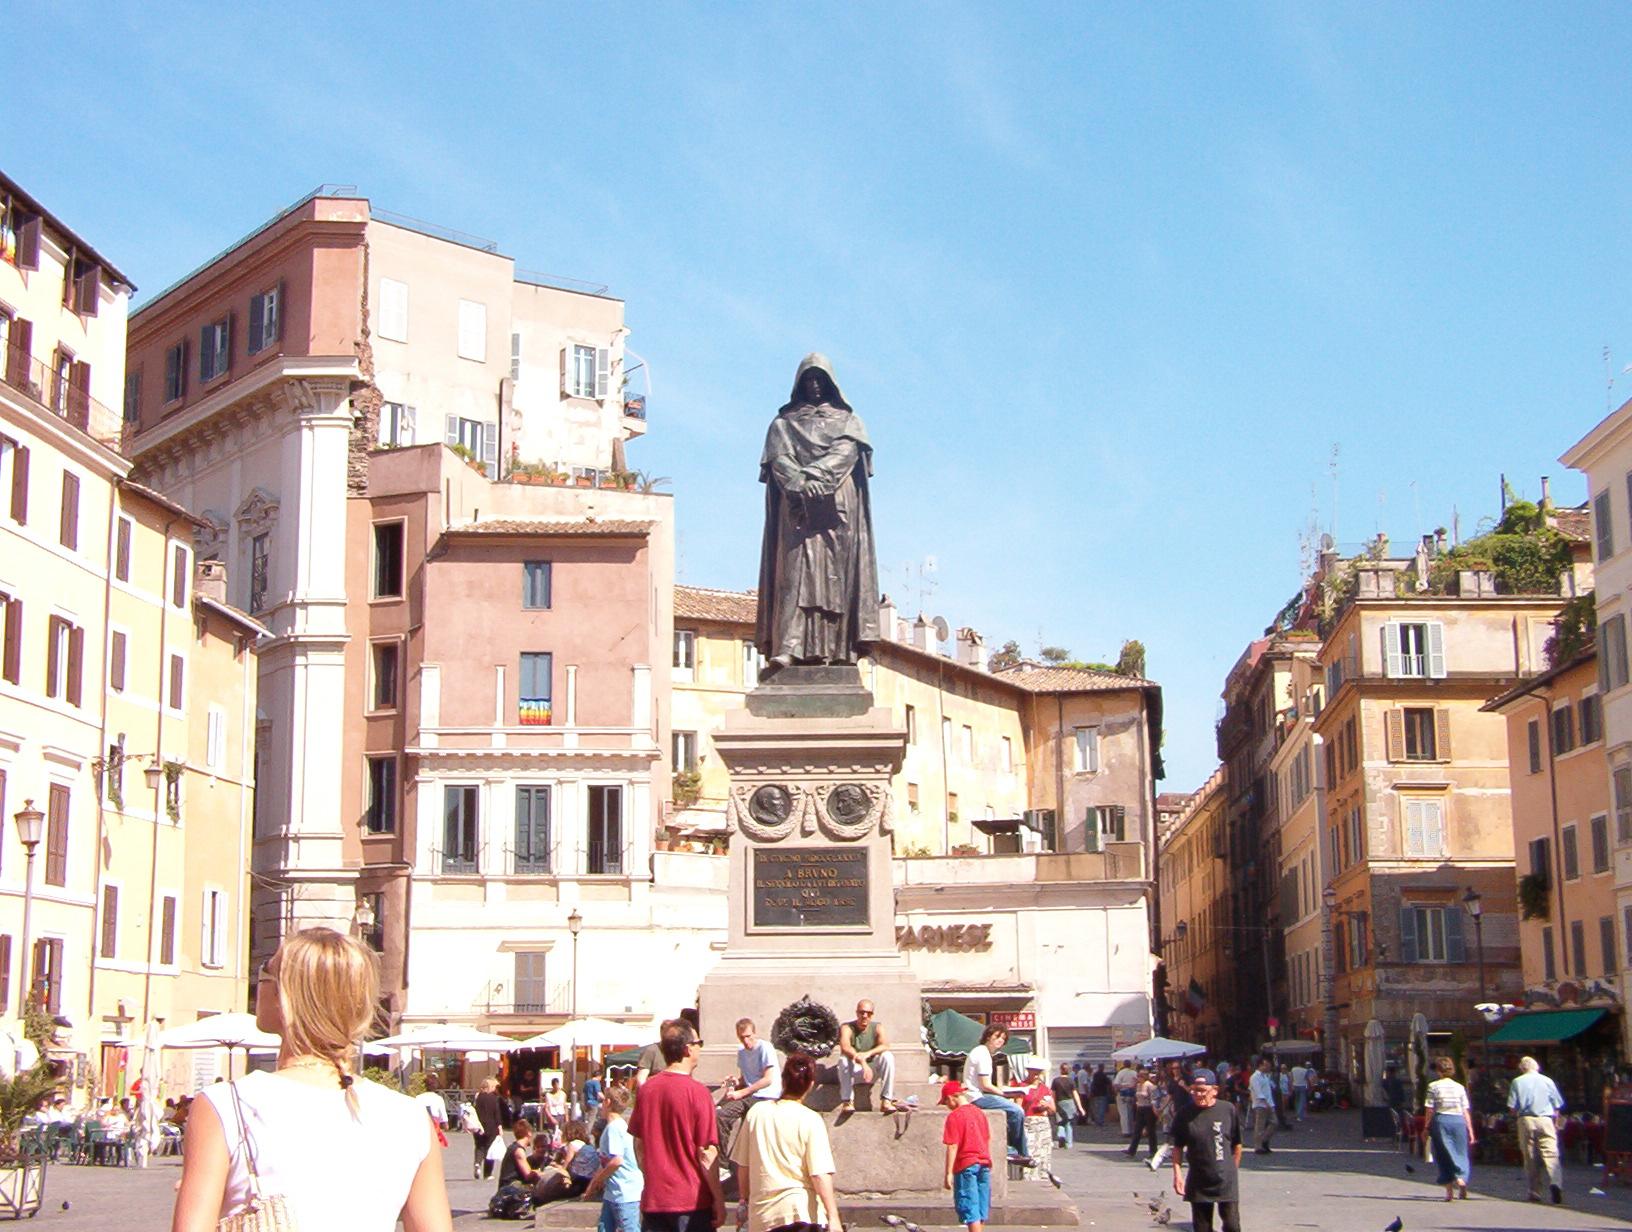 """Giordano Bruno (1548-1600) - Bruno, sonsuz evren görüşünü benimsemesi ve dünyadan başka gezegenlerin de olduğu iddiasını bıkmadan dile getirmesi nedeniyle Roma Engizisyon Mahkemesi tarafından Roma'daki Campo de' Fiori meydanınında diri diri yakıldı. Bruno, ölüm kararını kendine bildiren yargıca """"Ölümü bildirirken siz benden daha çok korkuyorsunuz."""" der.  Görsel bugünkü Campo de' Fiori meydanı ve meydandaki Giordano Bruno heykeli."""